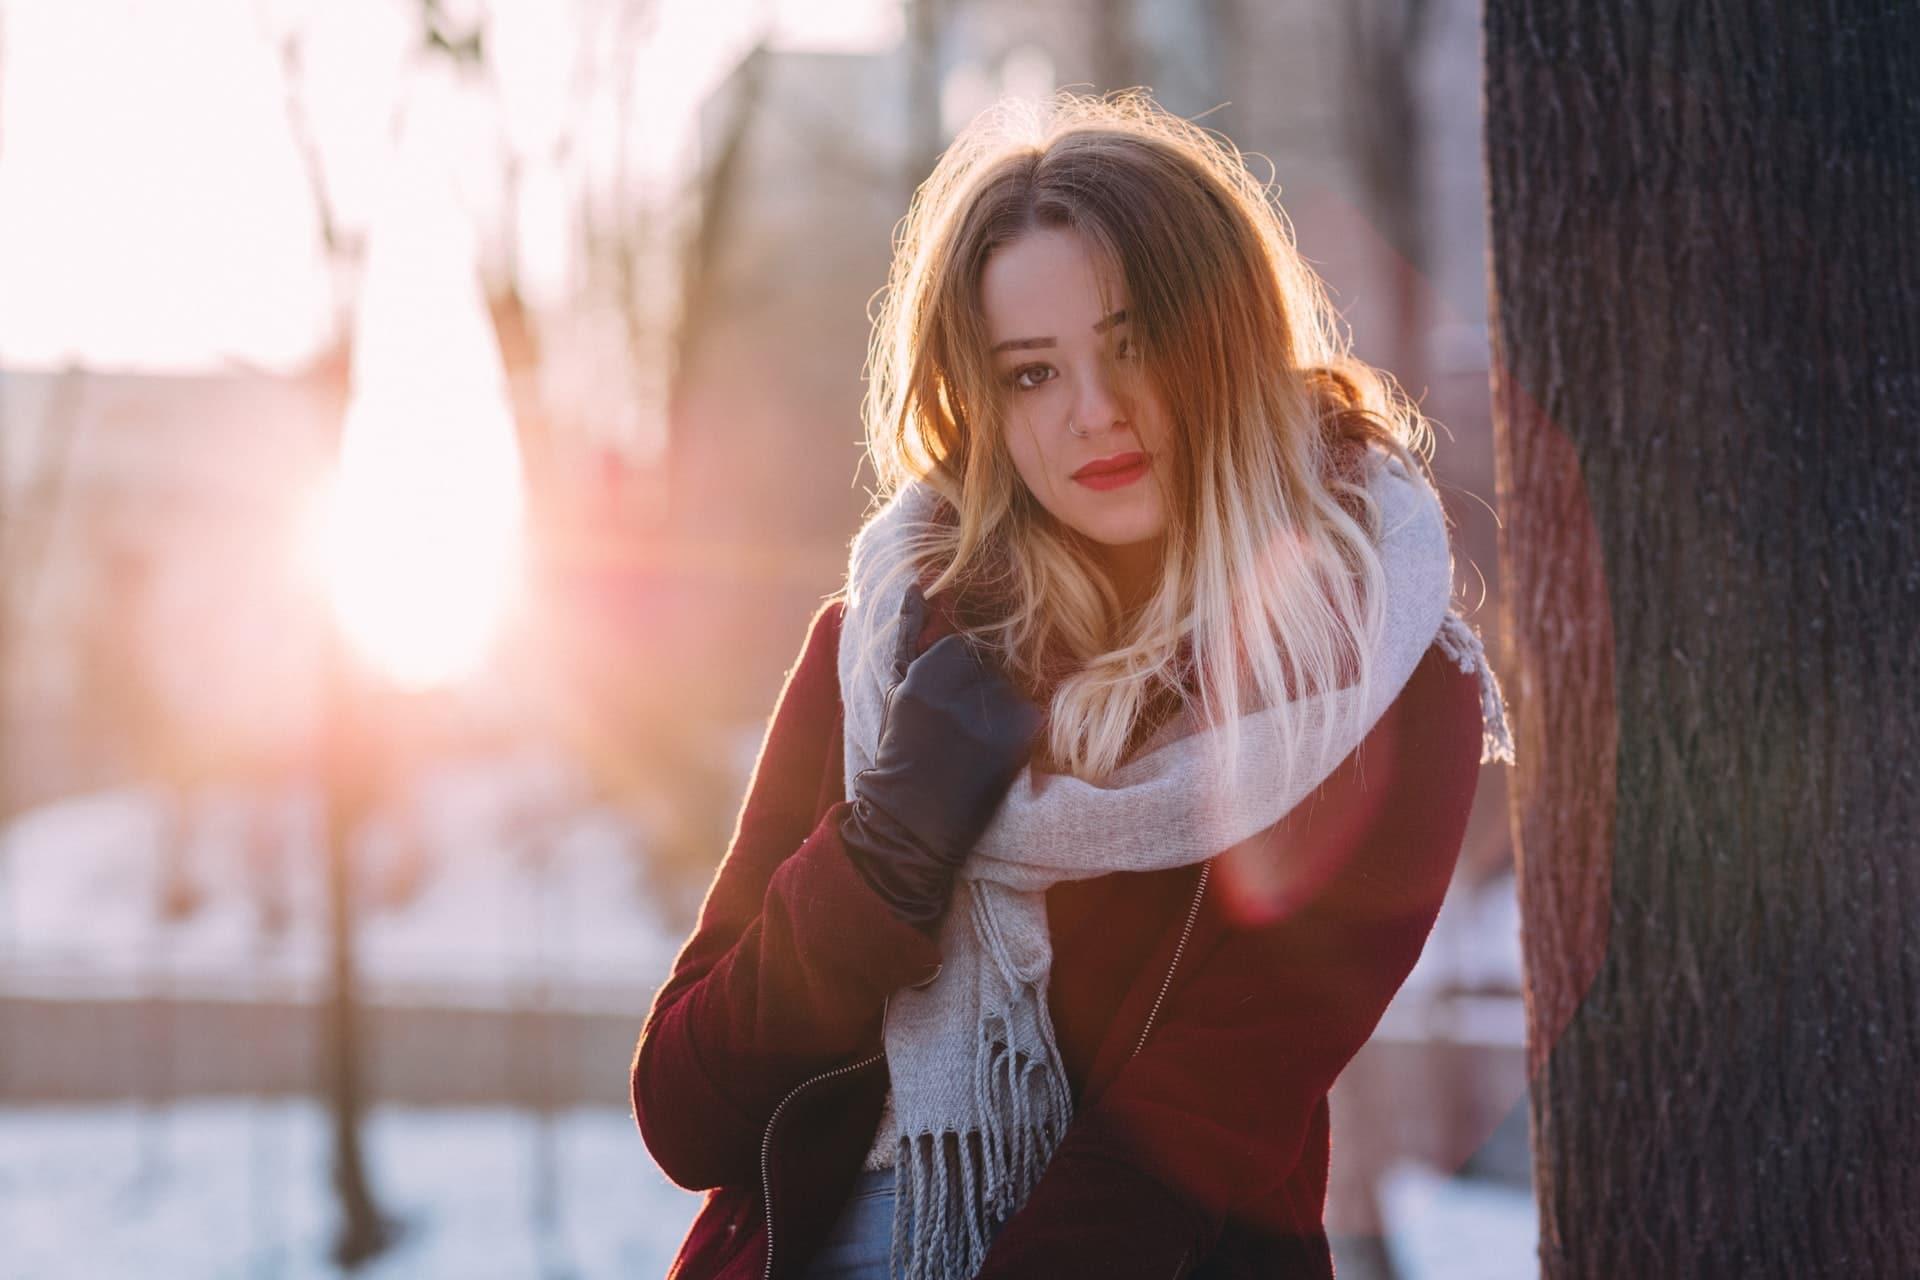 vestir no inverno em paris